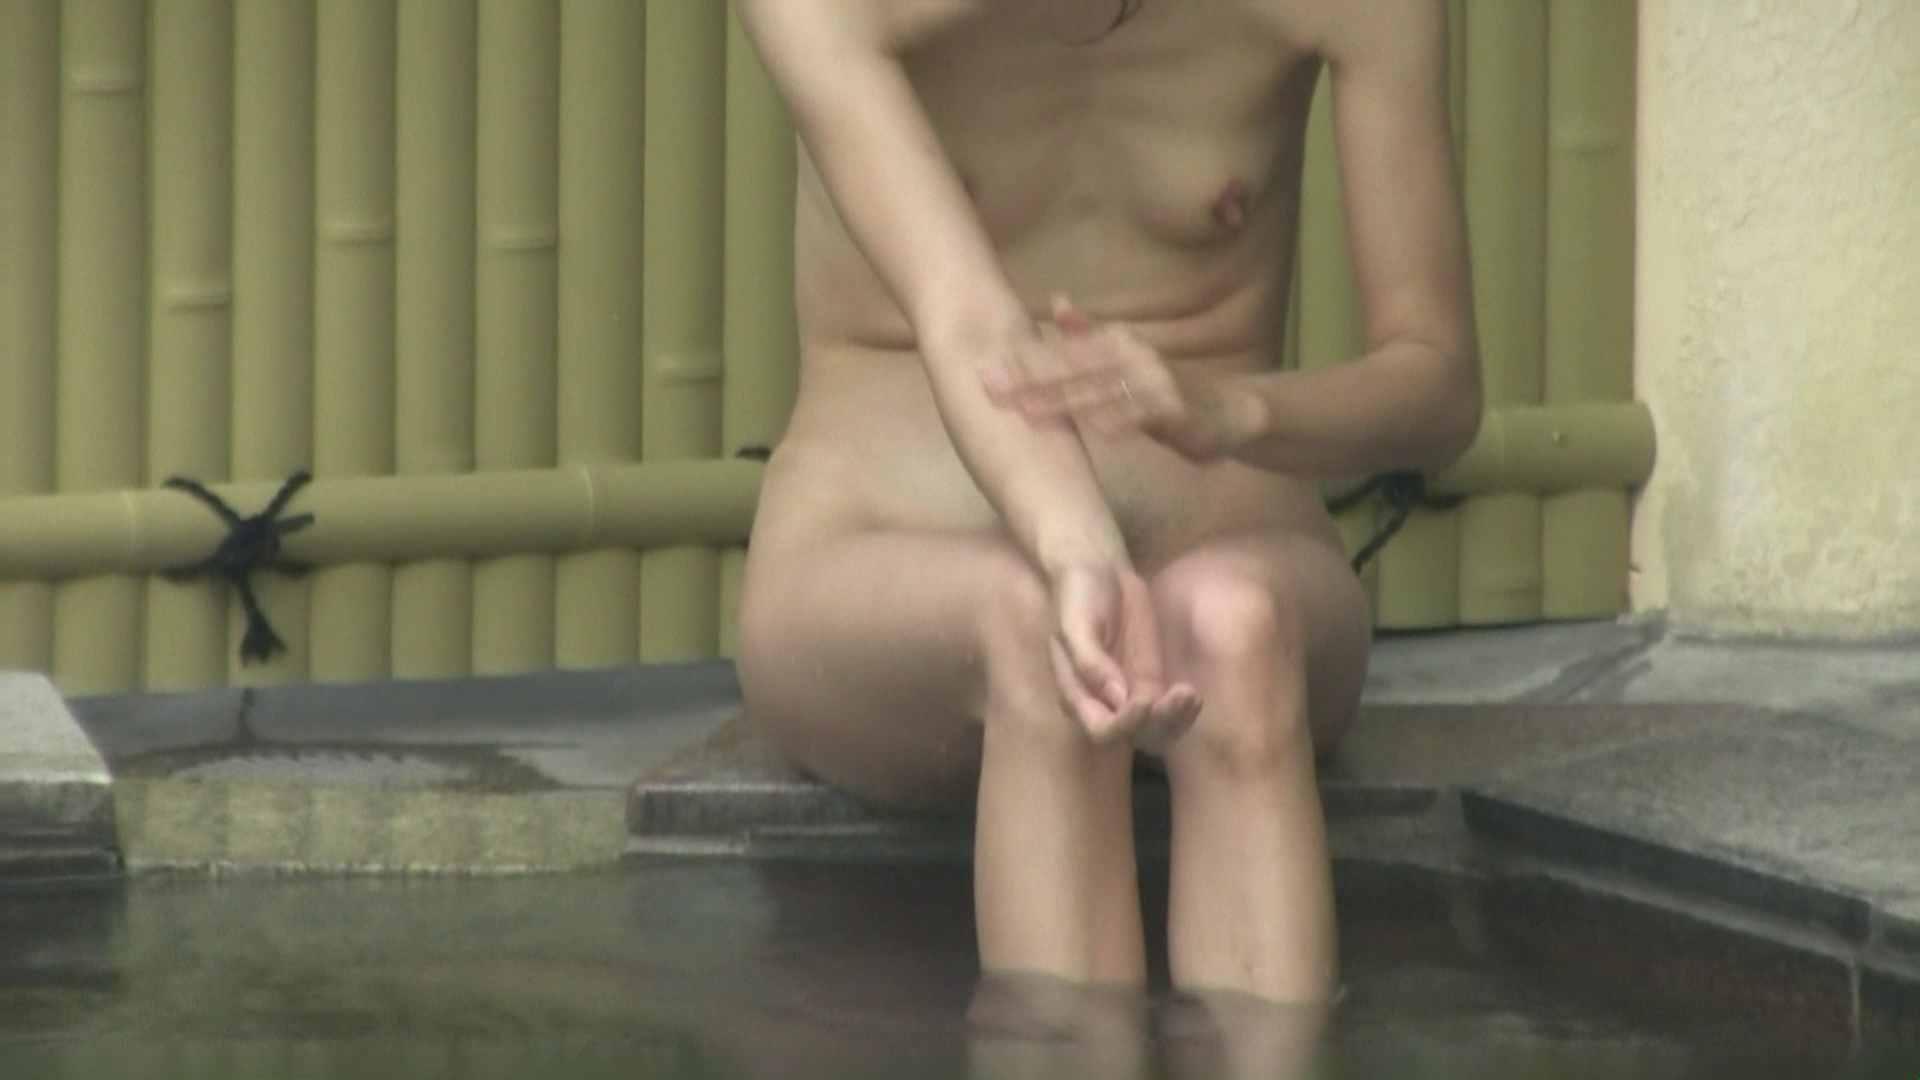 高画質露天女風呂観察 vol.031 乙女のエロ動画 性交動画流出 104PIX 81